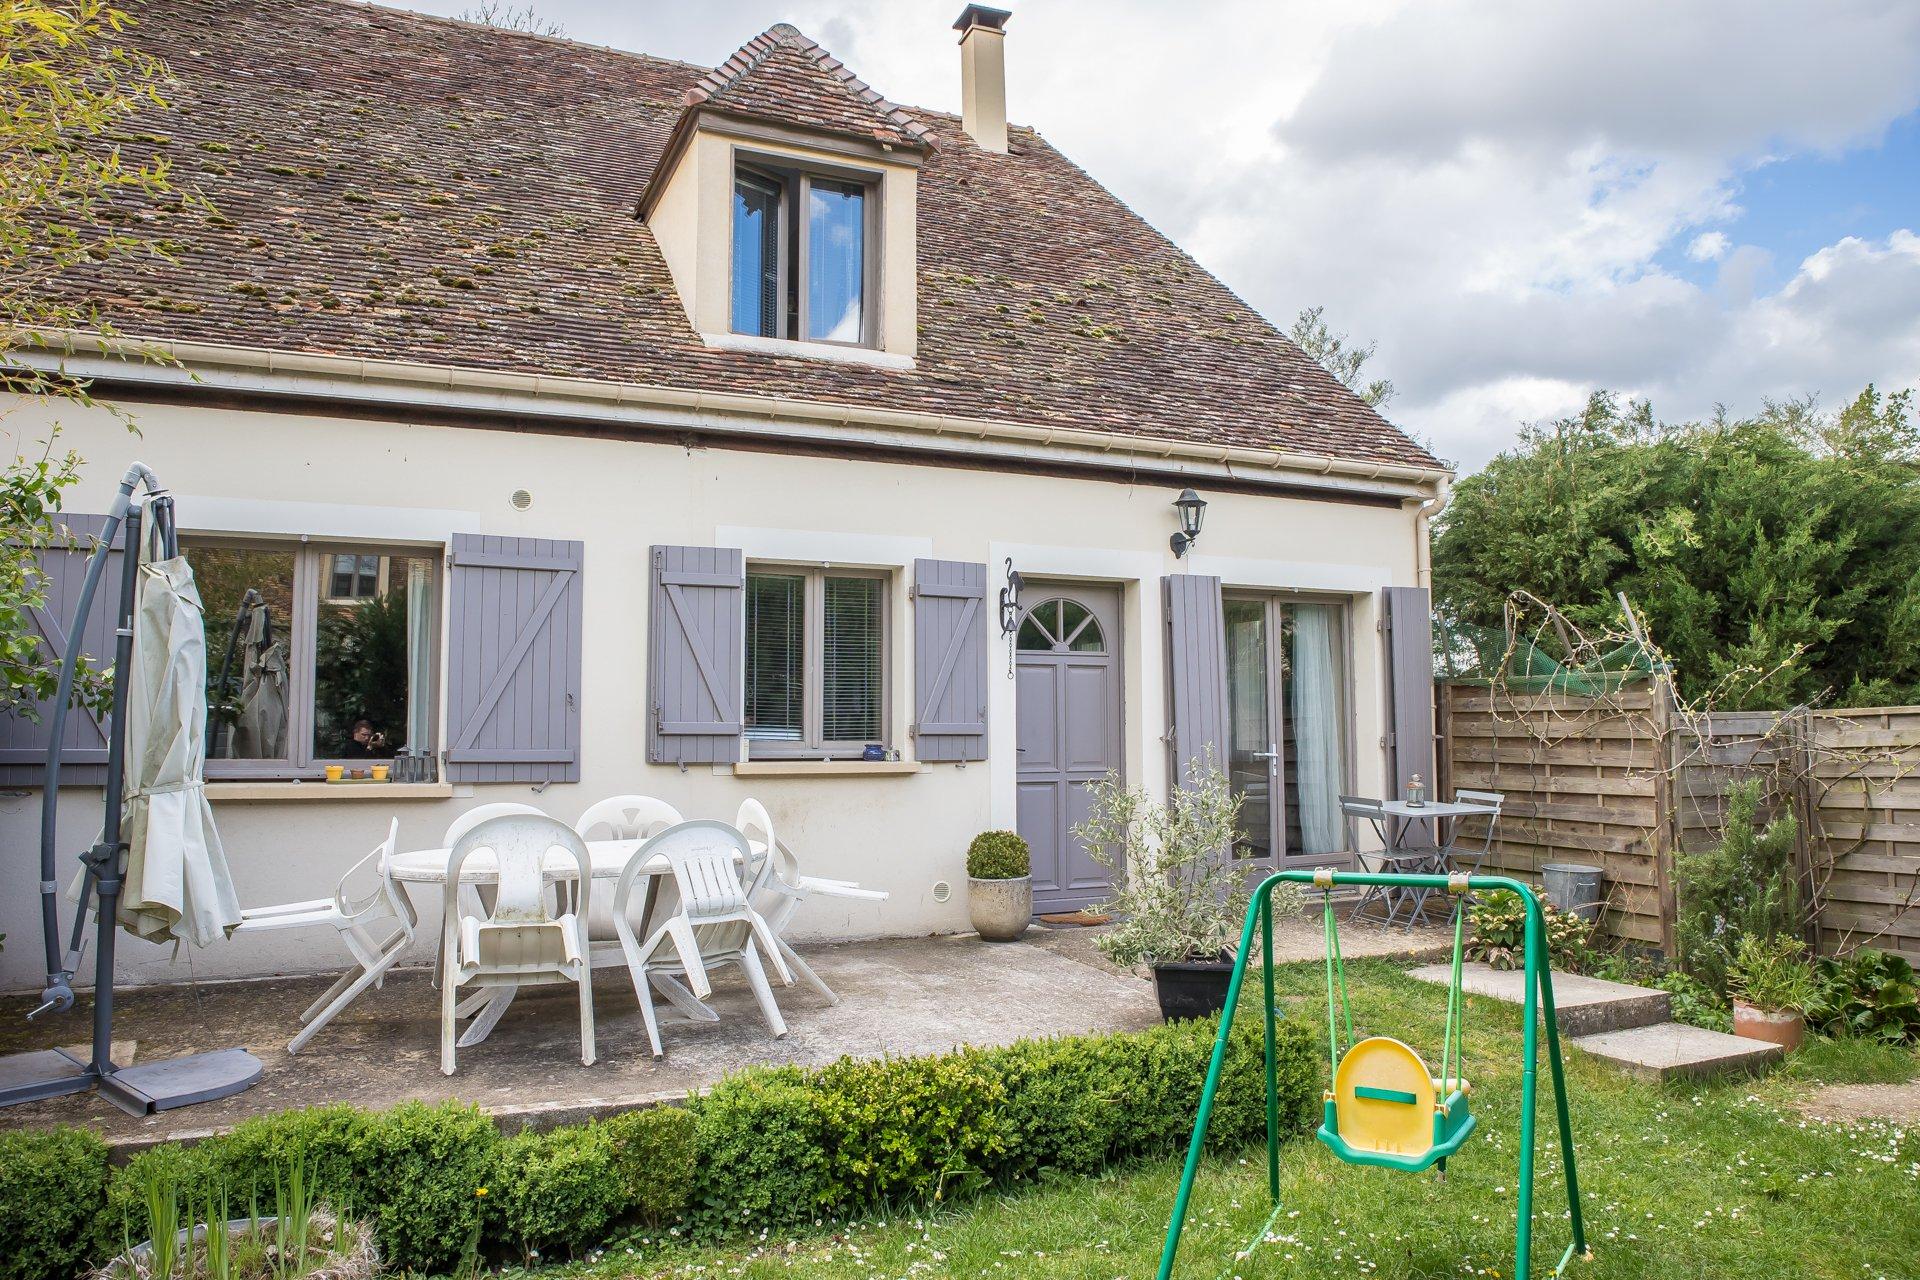 Maison 3 chambres avec jardinet